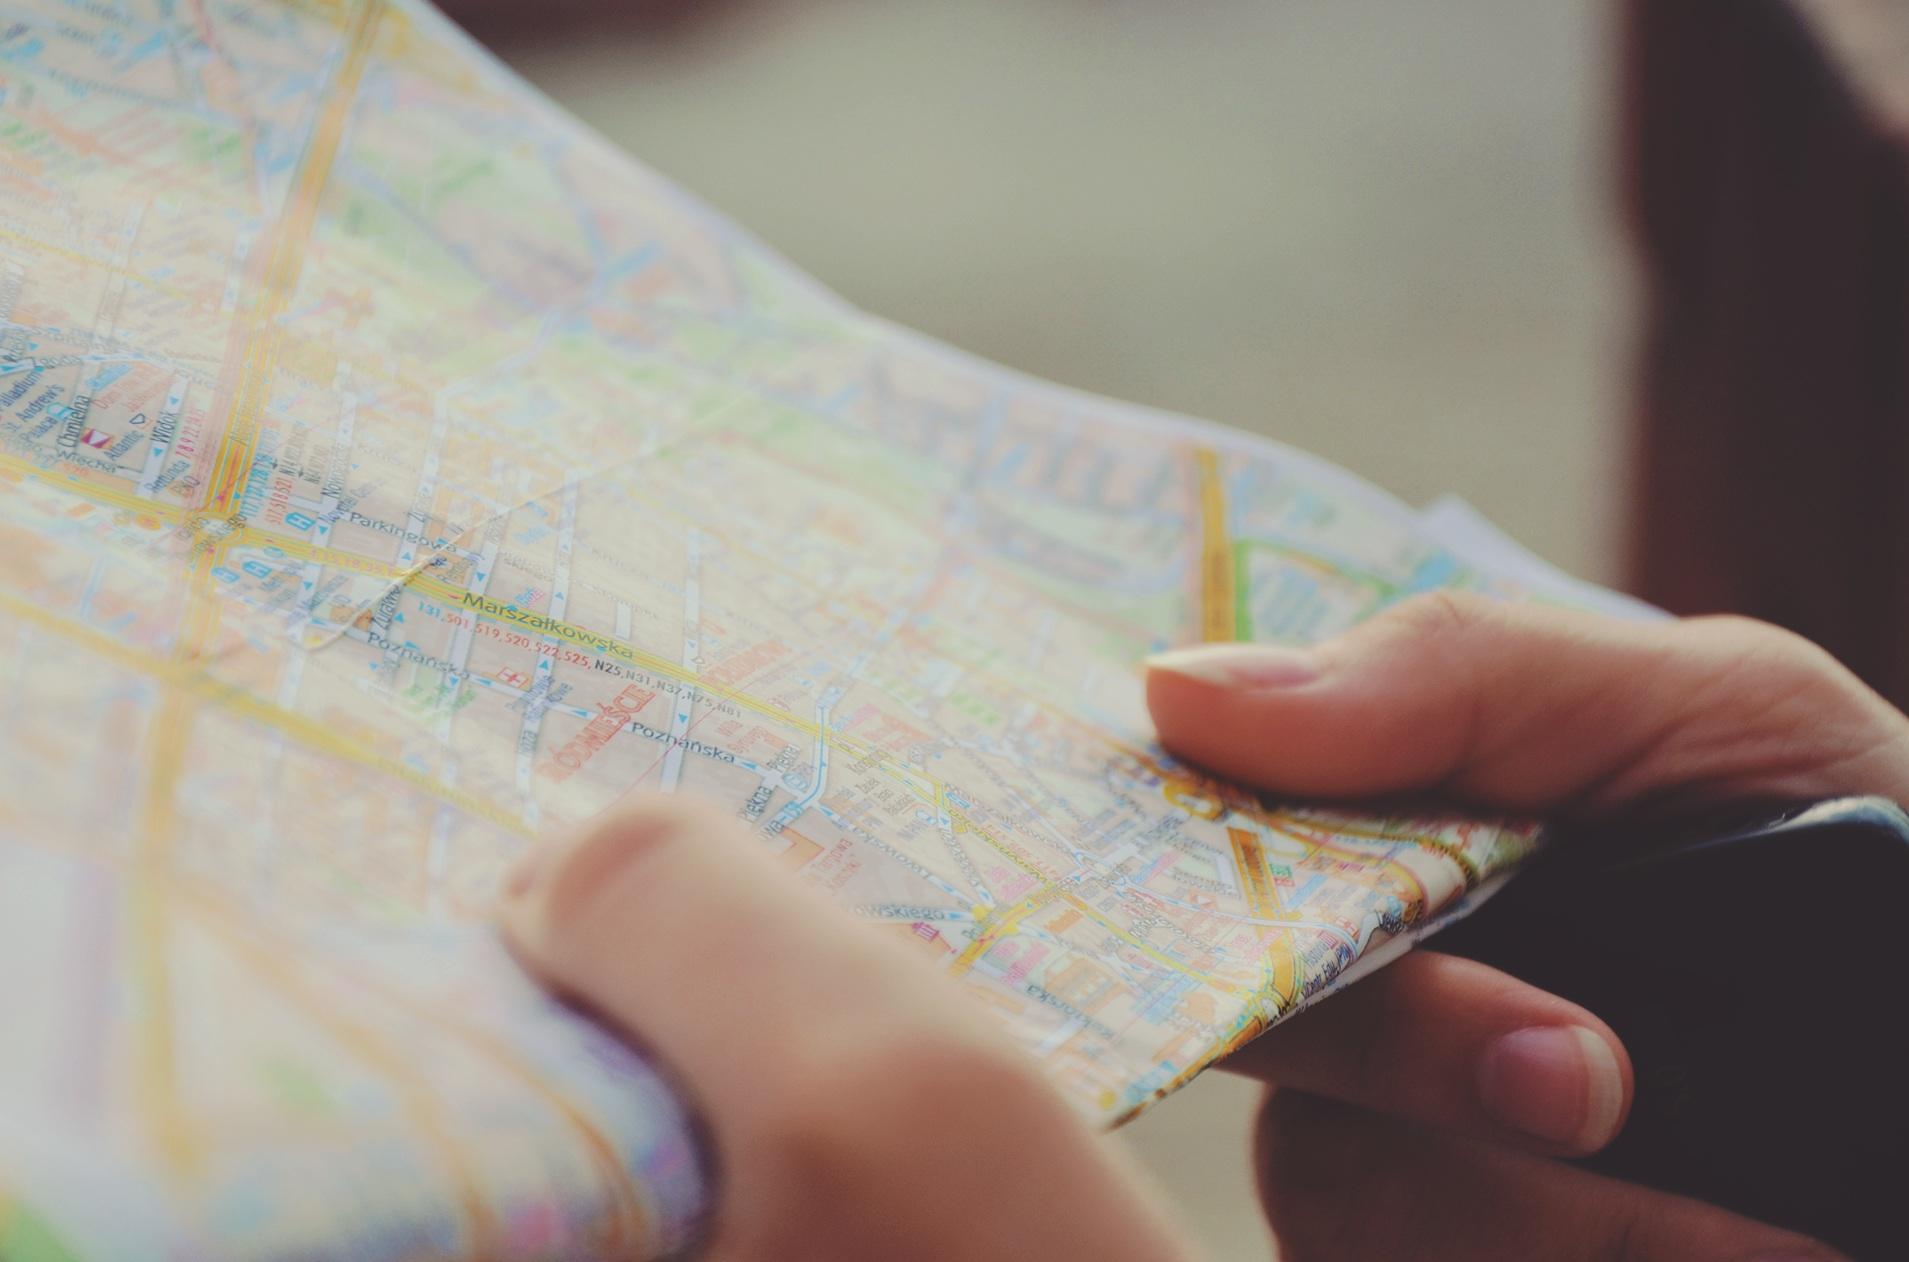 Das Bild zeigt eine von einer Person gehaltene Straßenkarte.